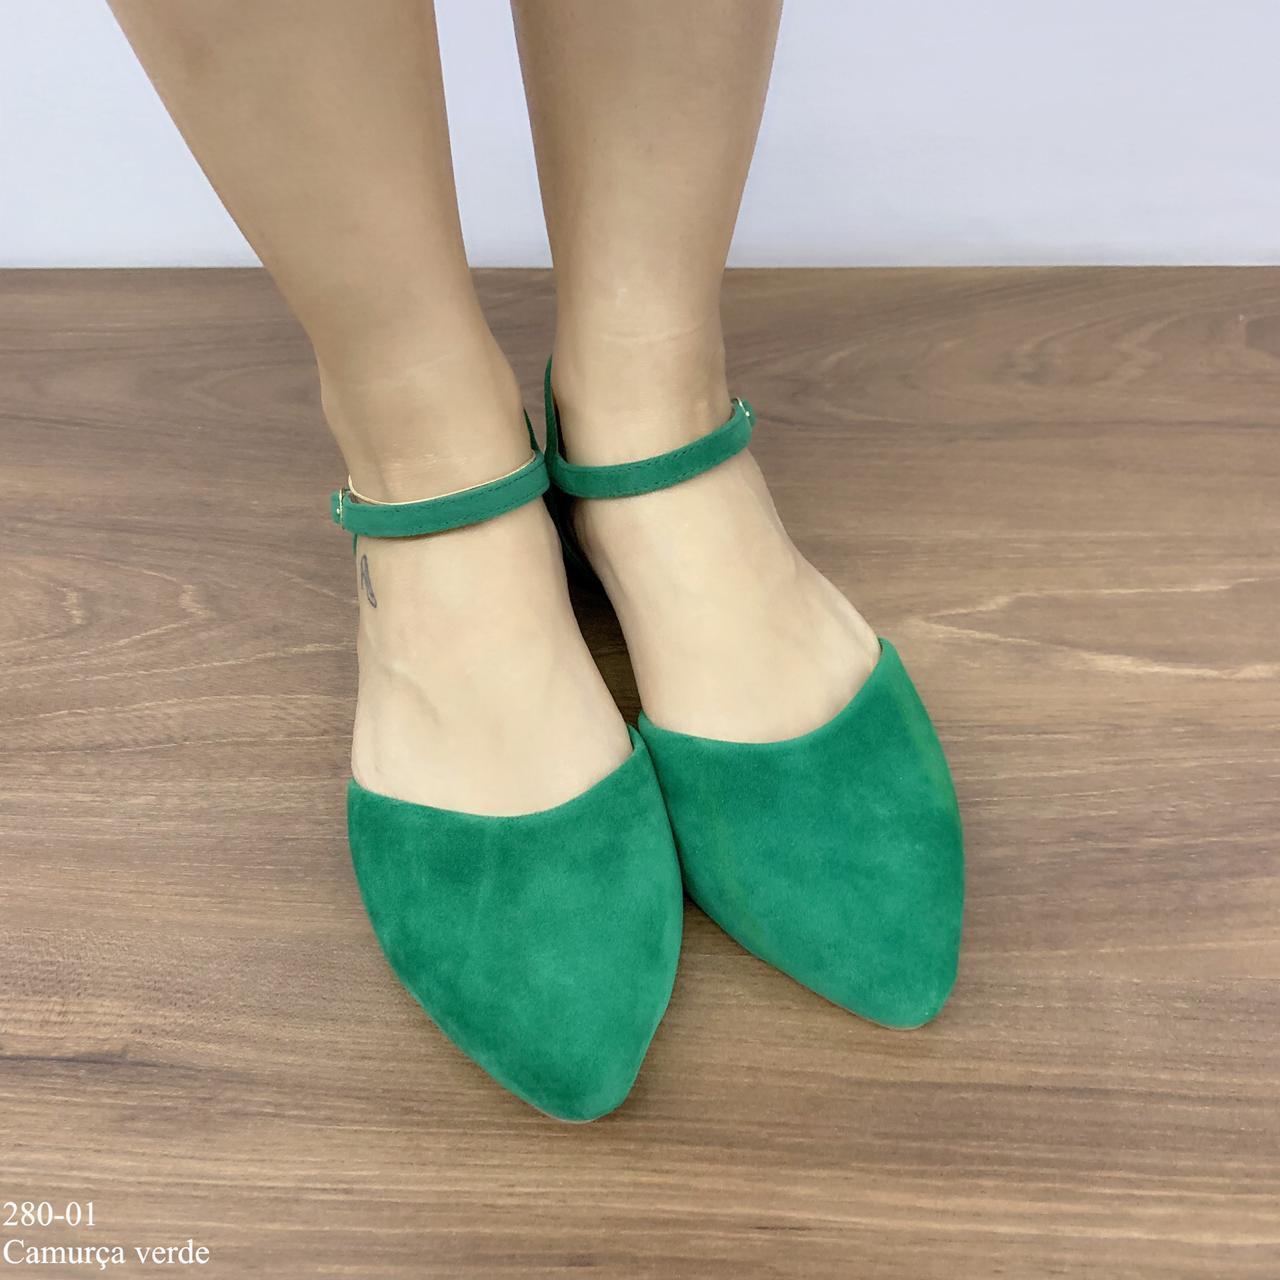 Sapatilha Verde Camurça | D-280-01